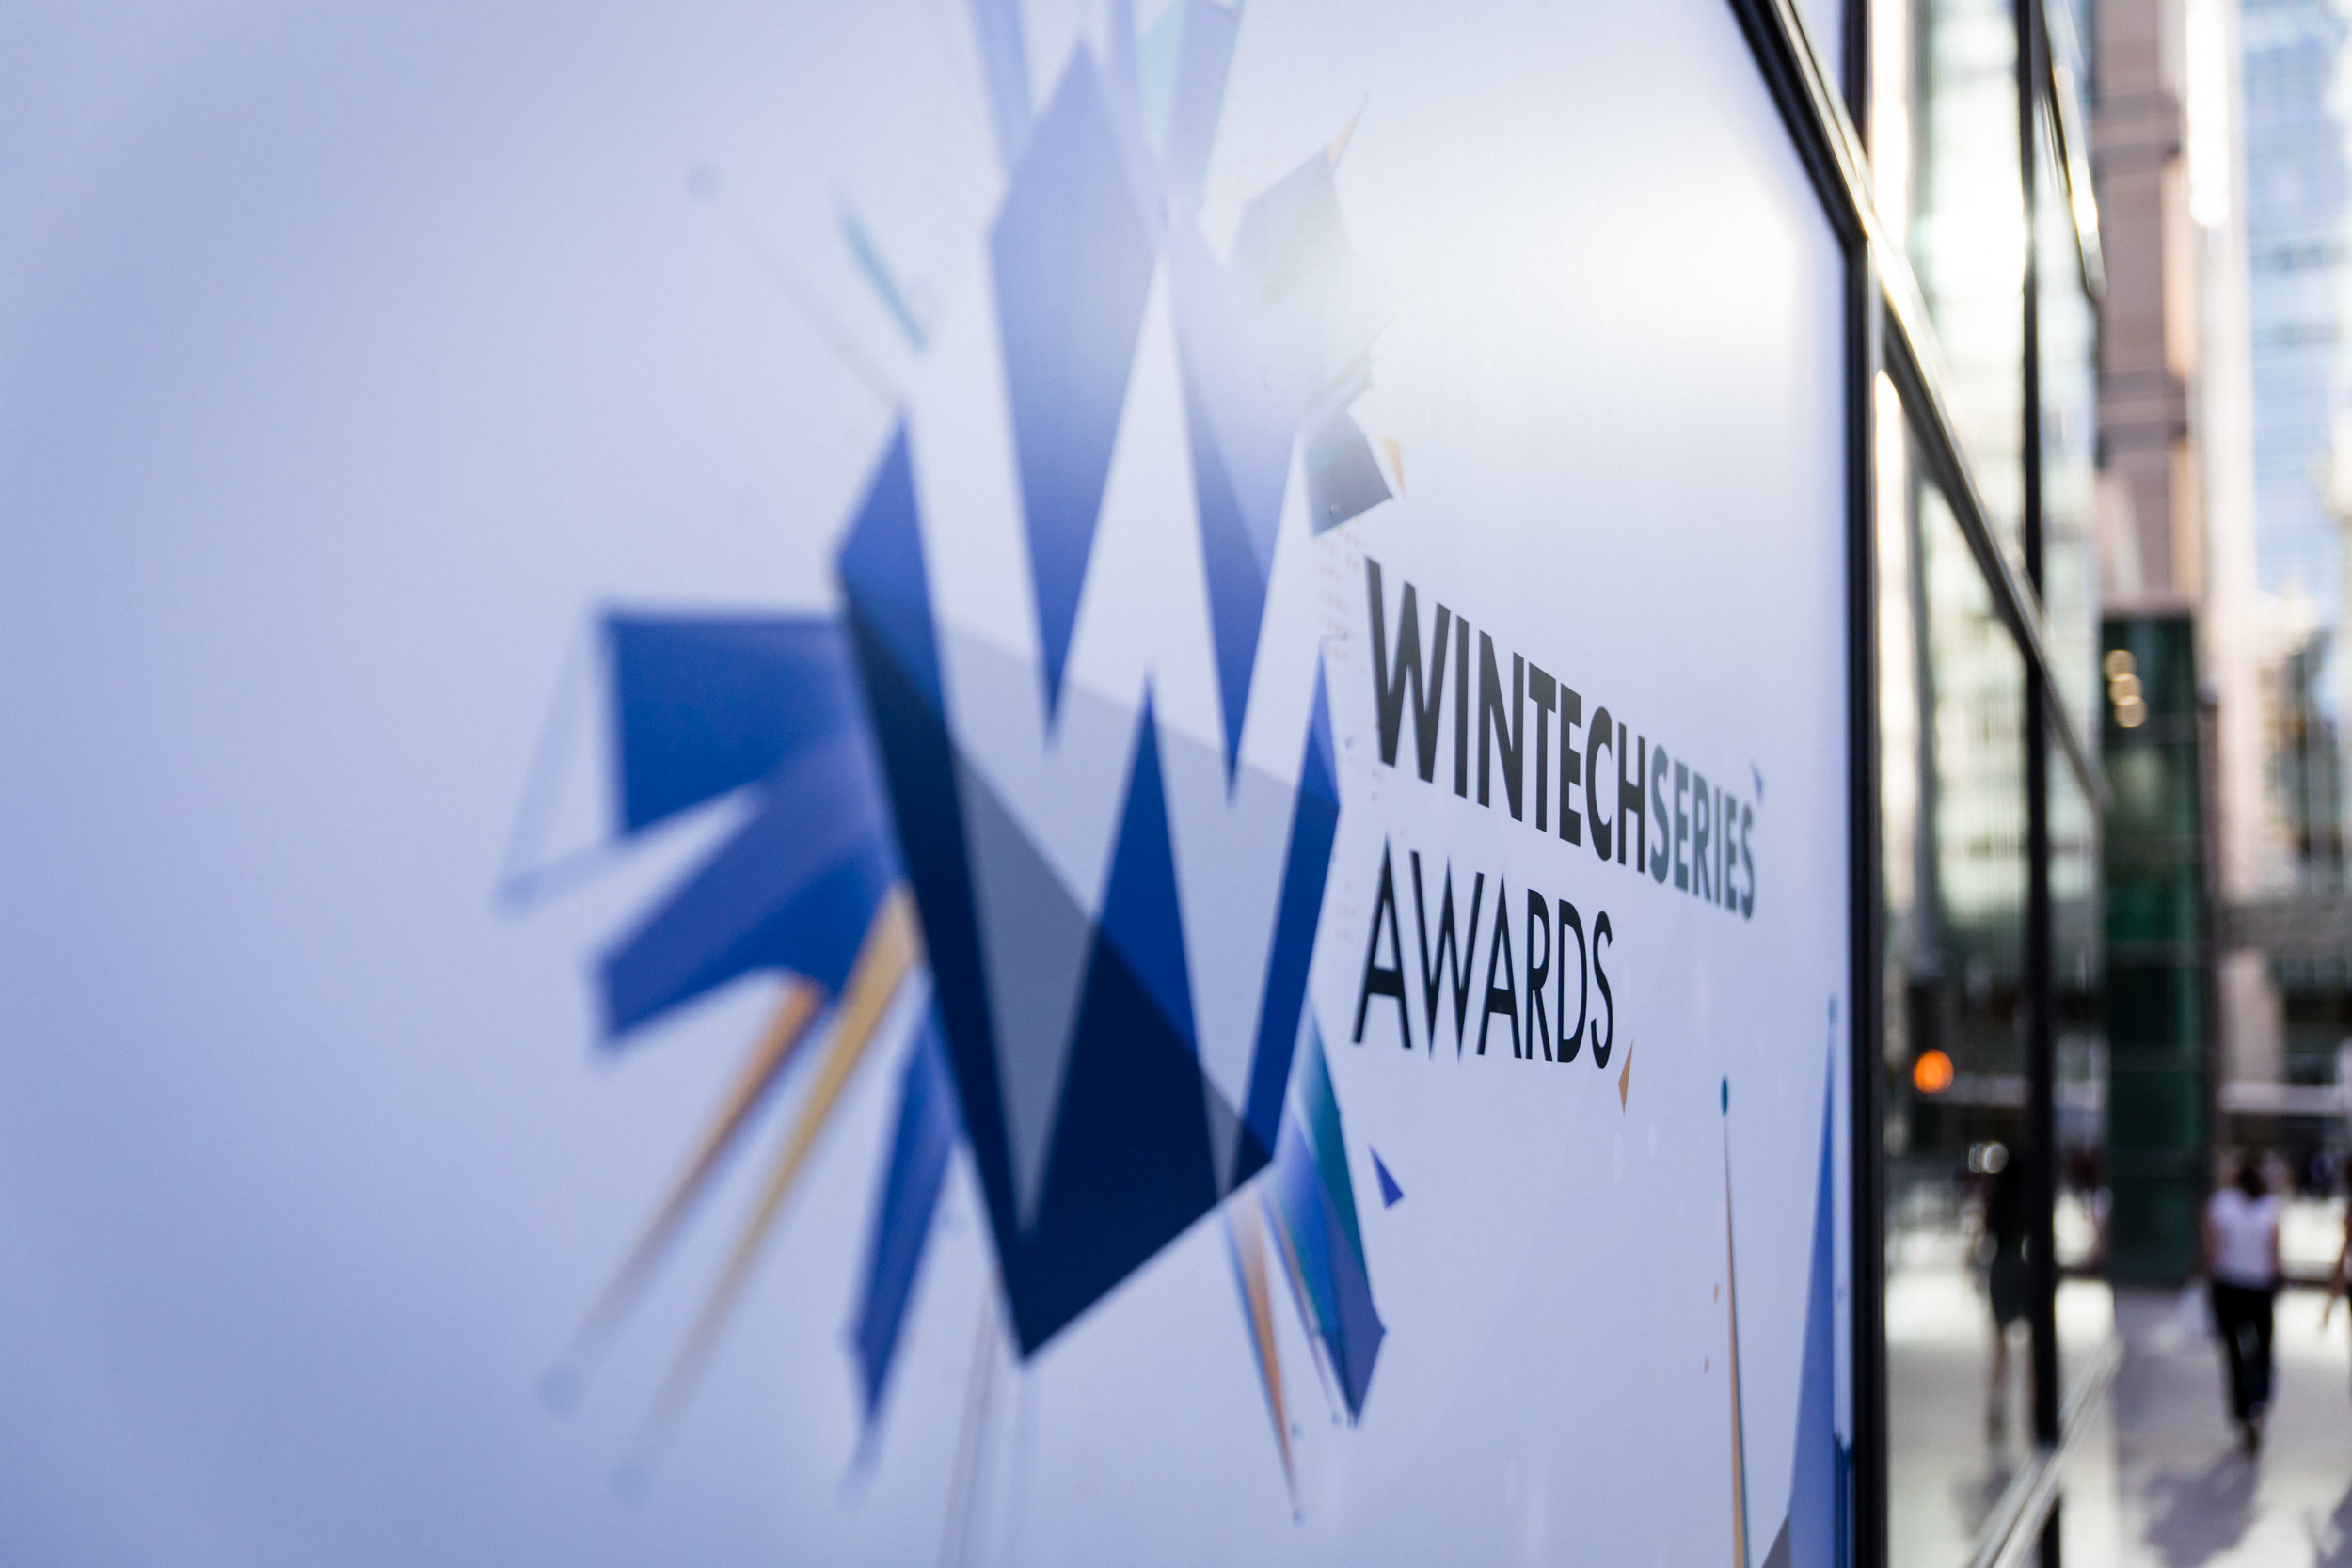 WinTech Awards